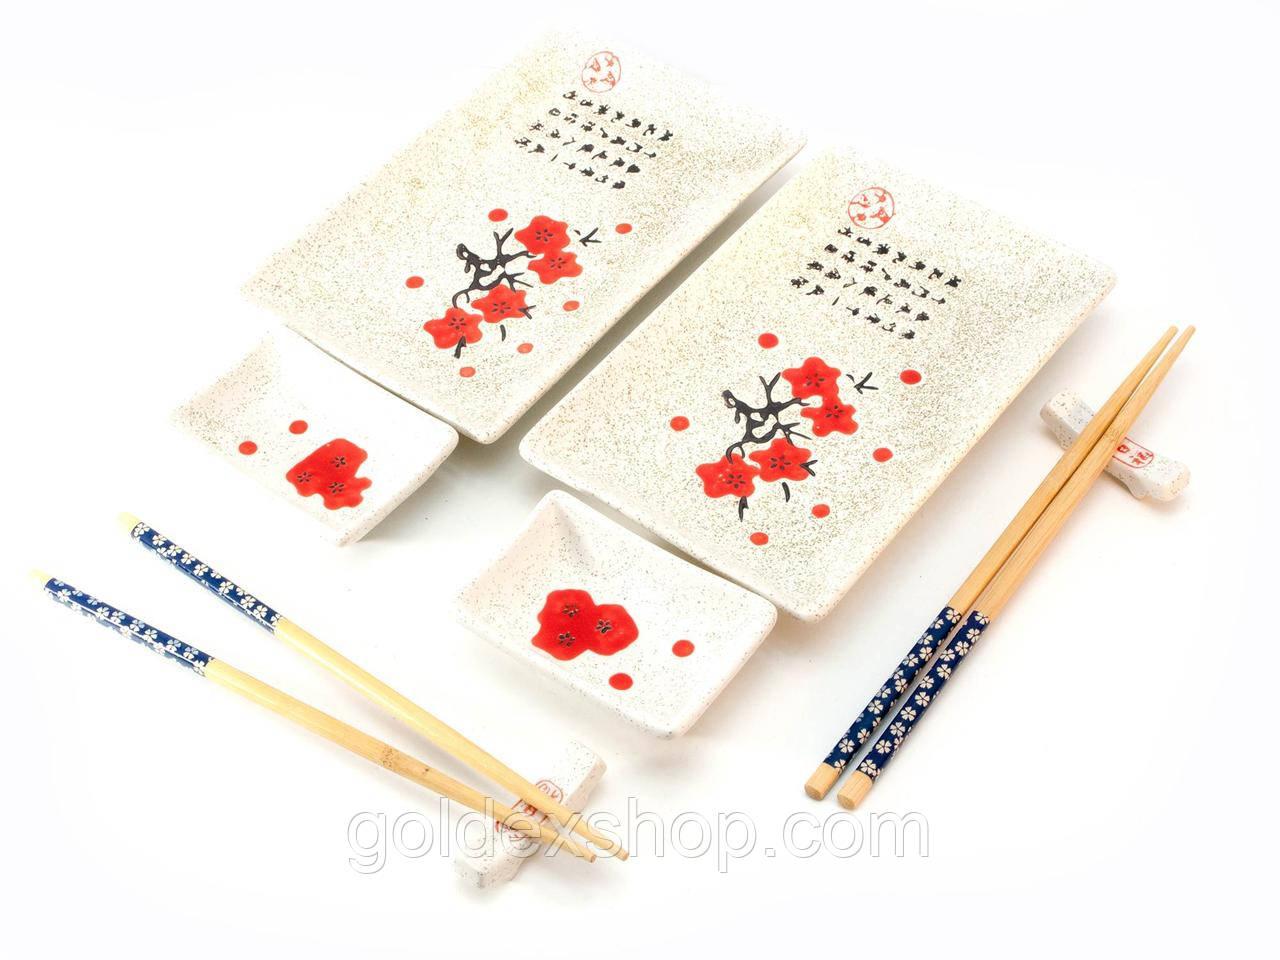 """Сервиз для суши роллов """"Белый с цветами сакуры"""" (2 персоны) (28х28,3х3,5 см)"""